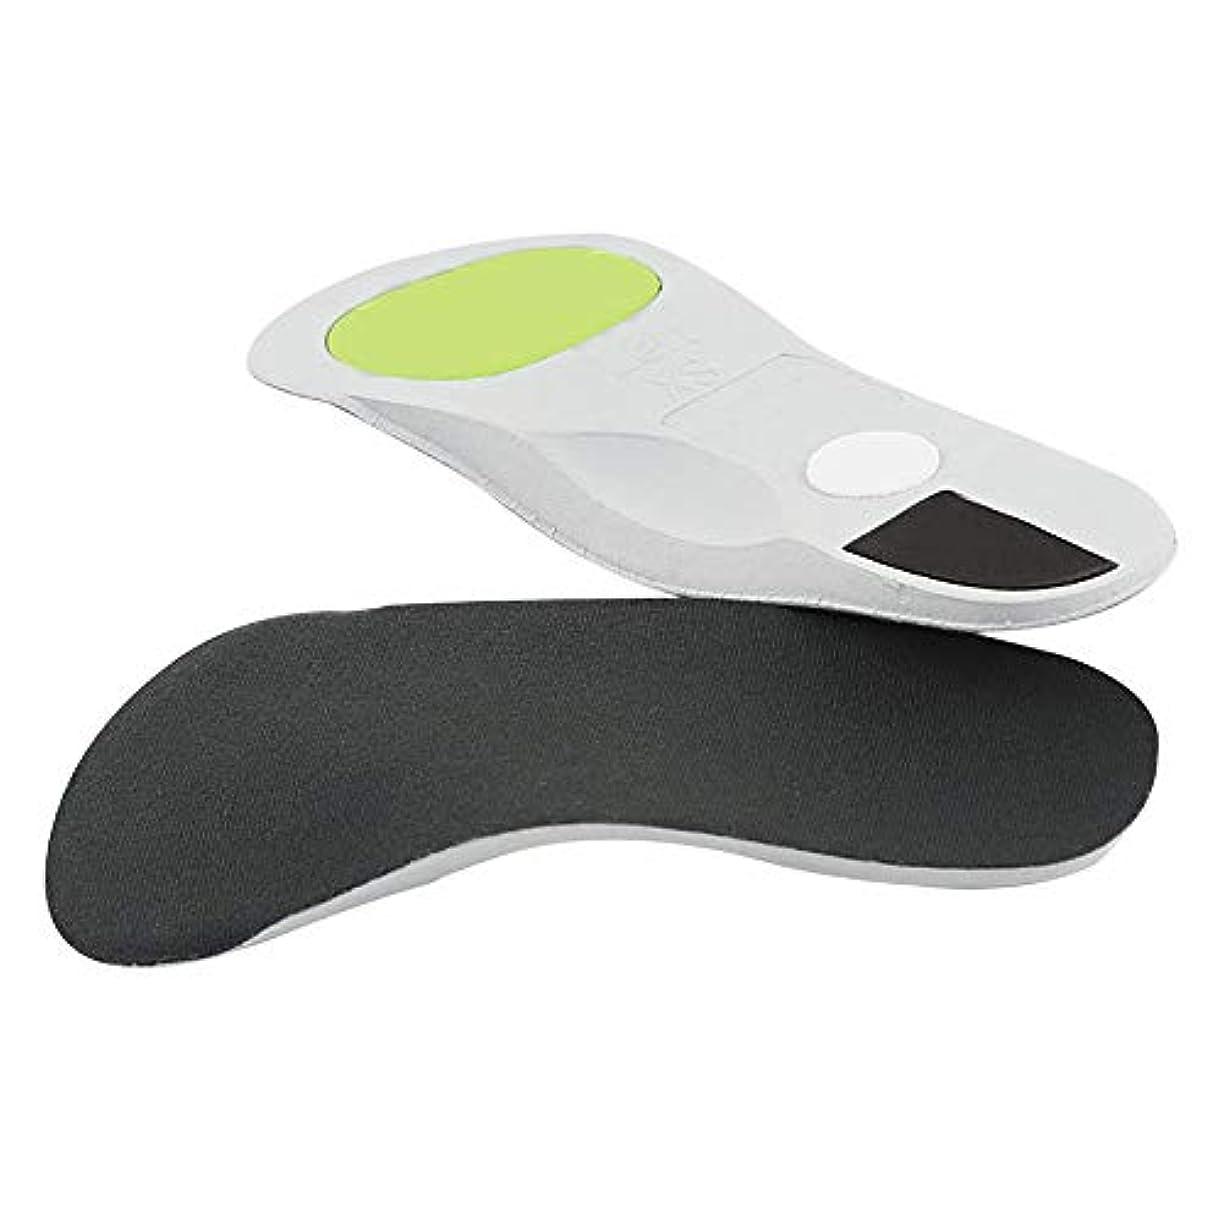 優先権飲料割合矯正インソールアーチサポートインソールトリートメントフラットフット足の痛みを和らげますフィットネス、ランニング、テニス用の通気性のある滑り止めアーチヒール,L